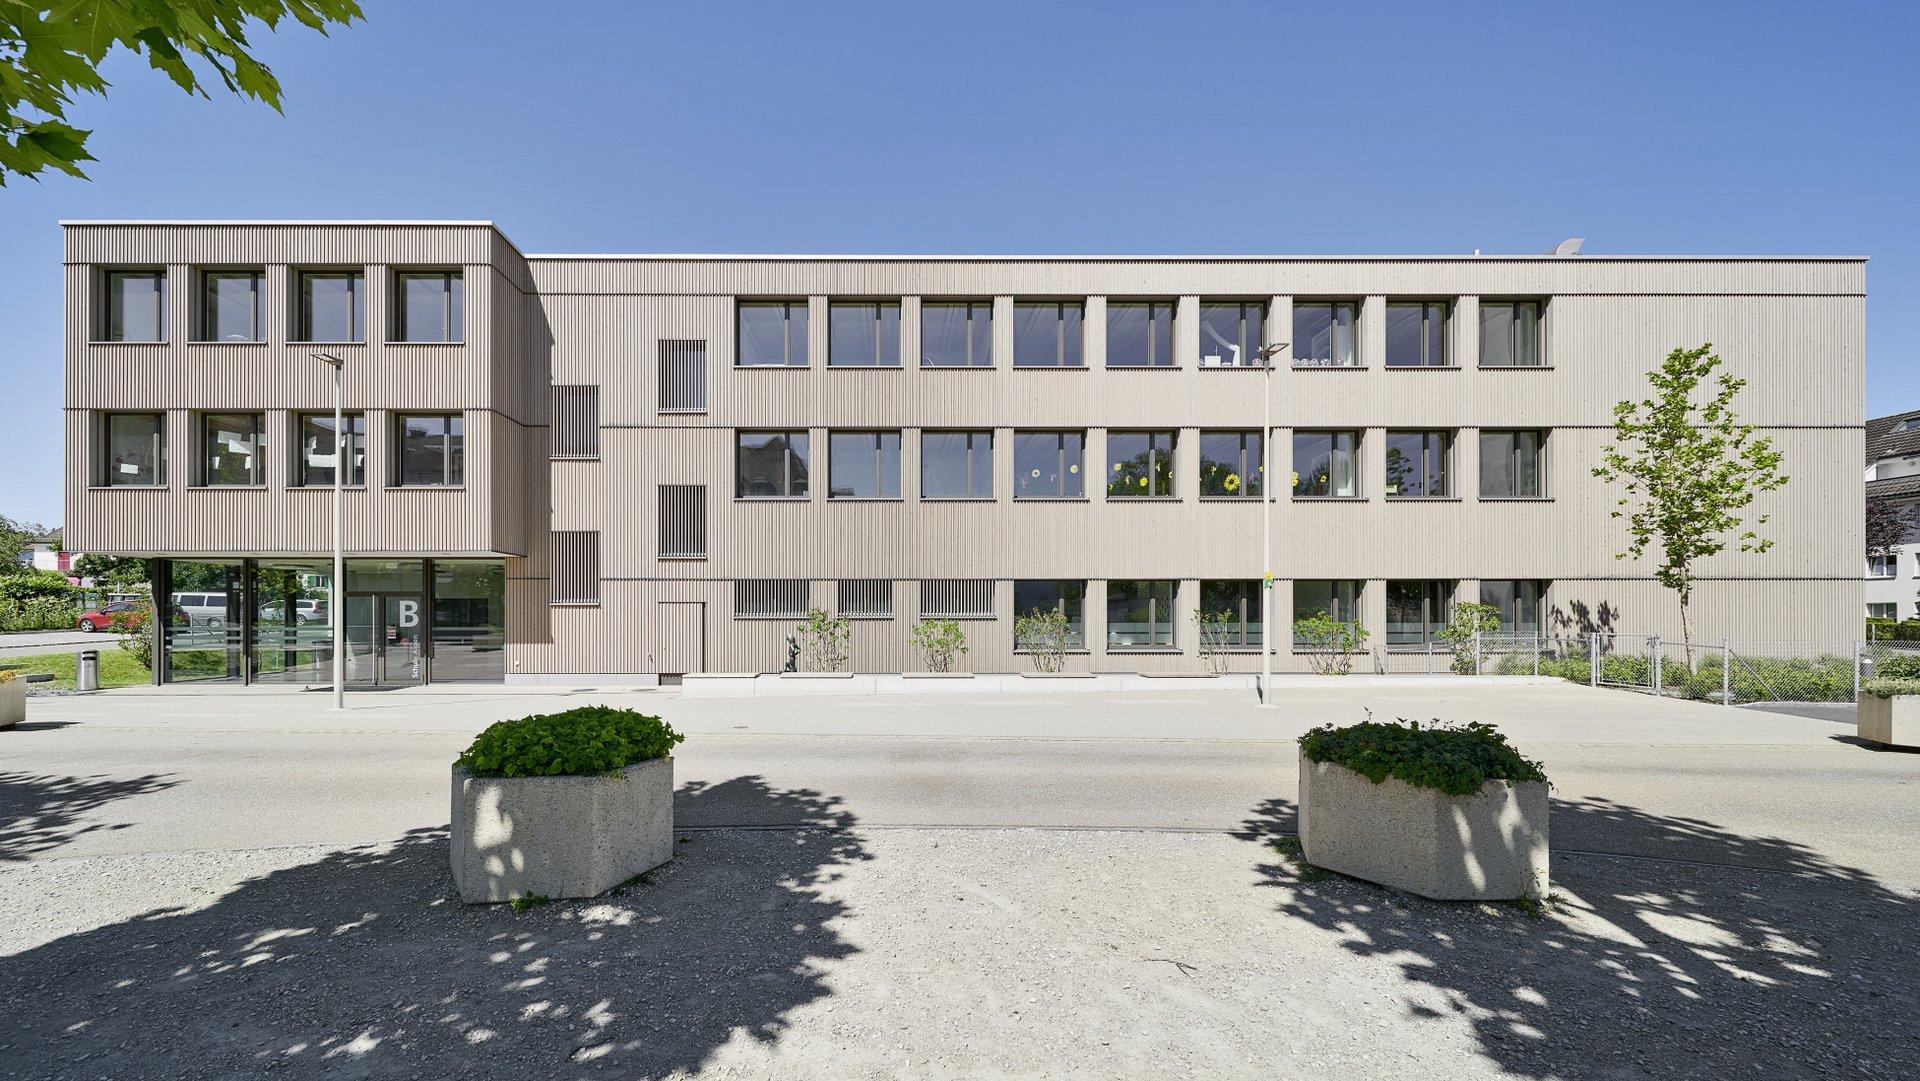 Sicht auf den Eingangsbereich eines Schulhauses mit einer sandbraunen Betonfassade